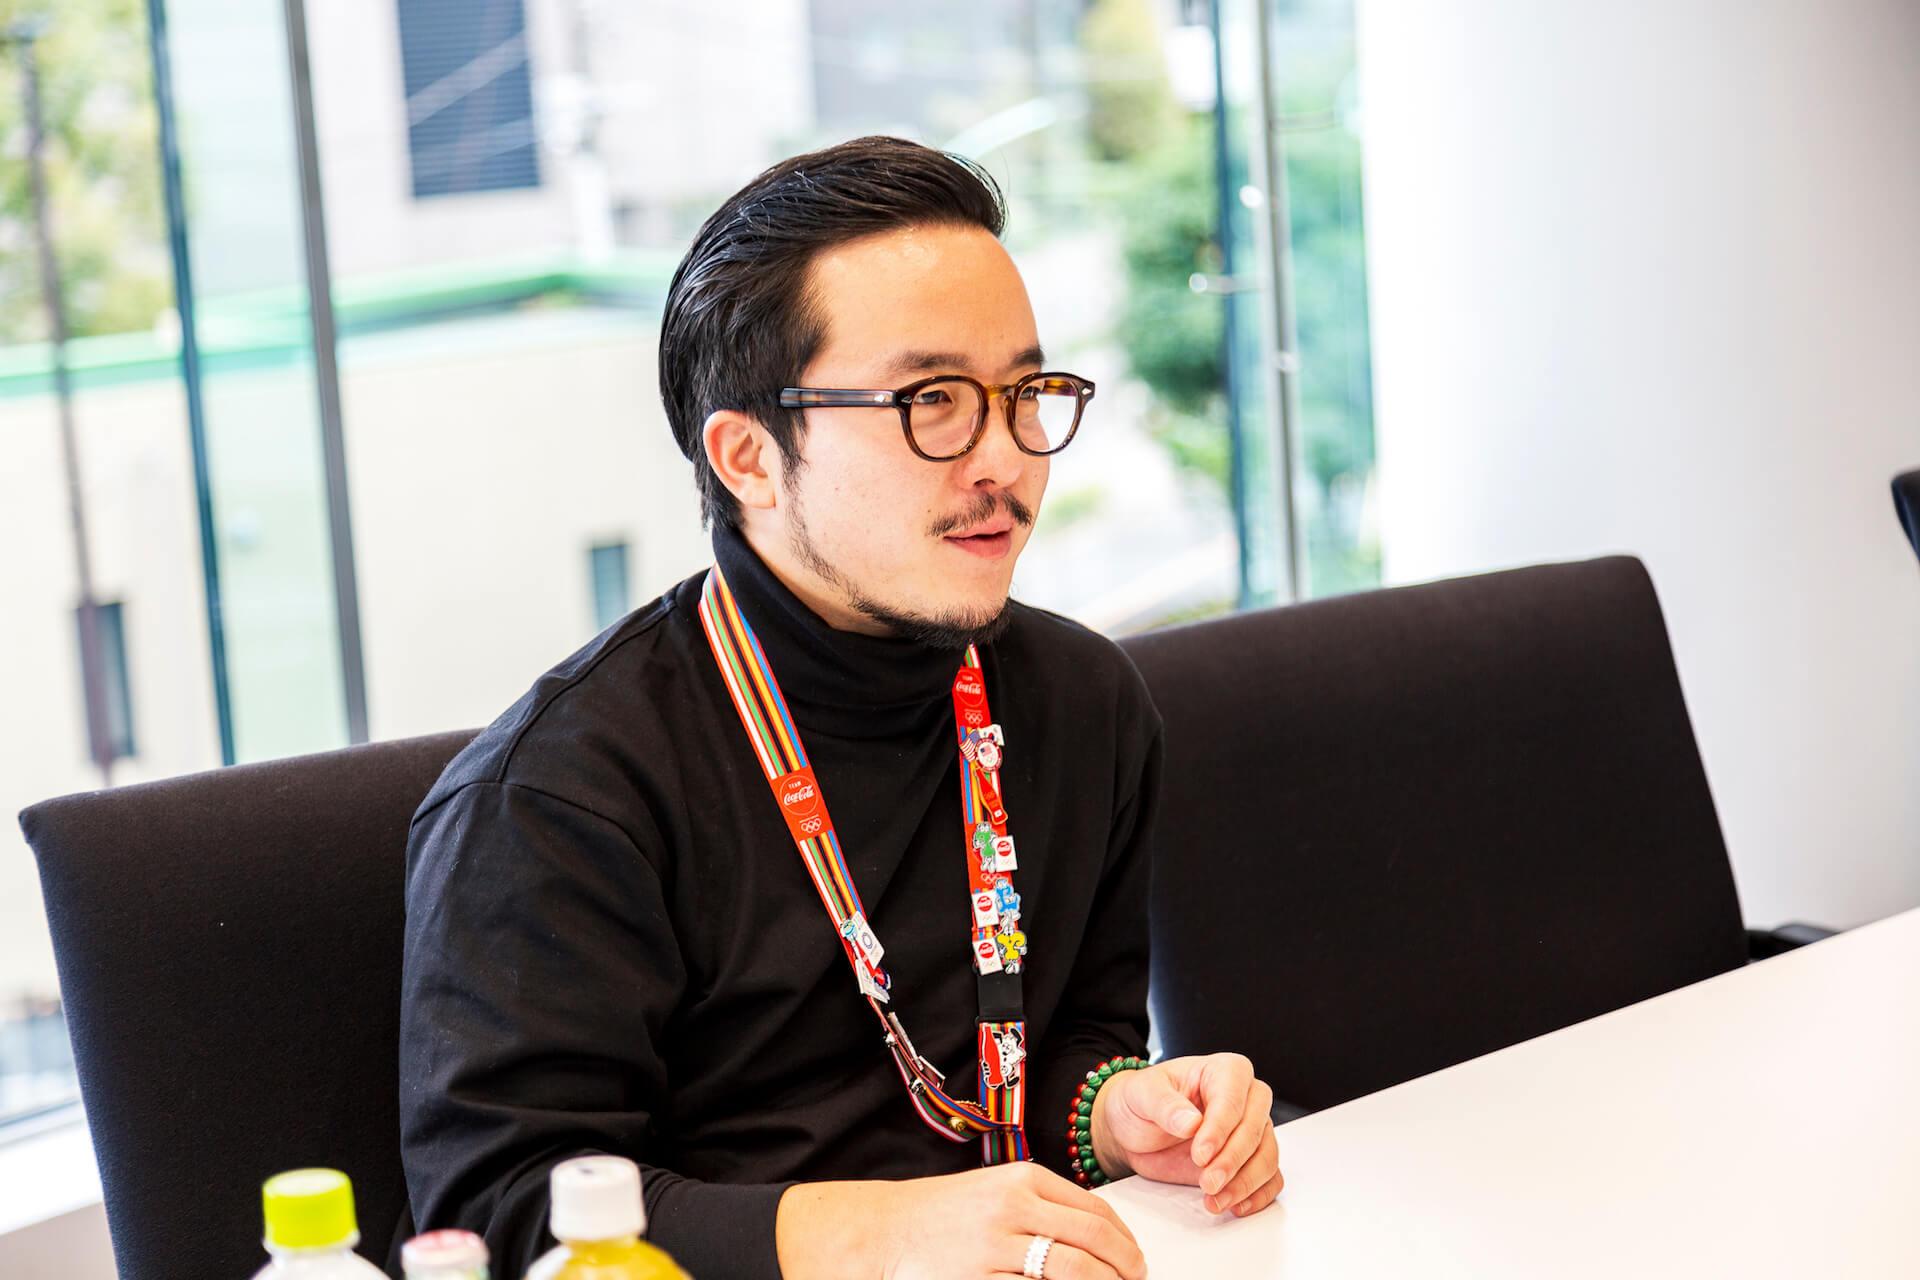 VERDYデザインのオリジナルピンから紐解く、コカ・コーラ社が東京2020オリンピックに込める想い interview-cocacola-verdy-1